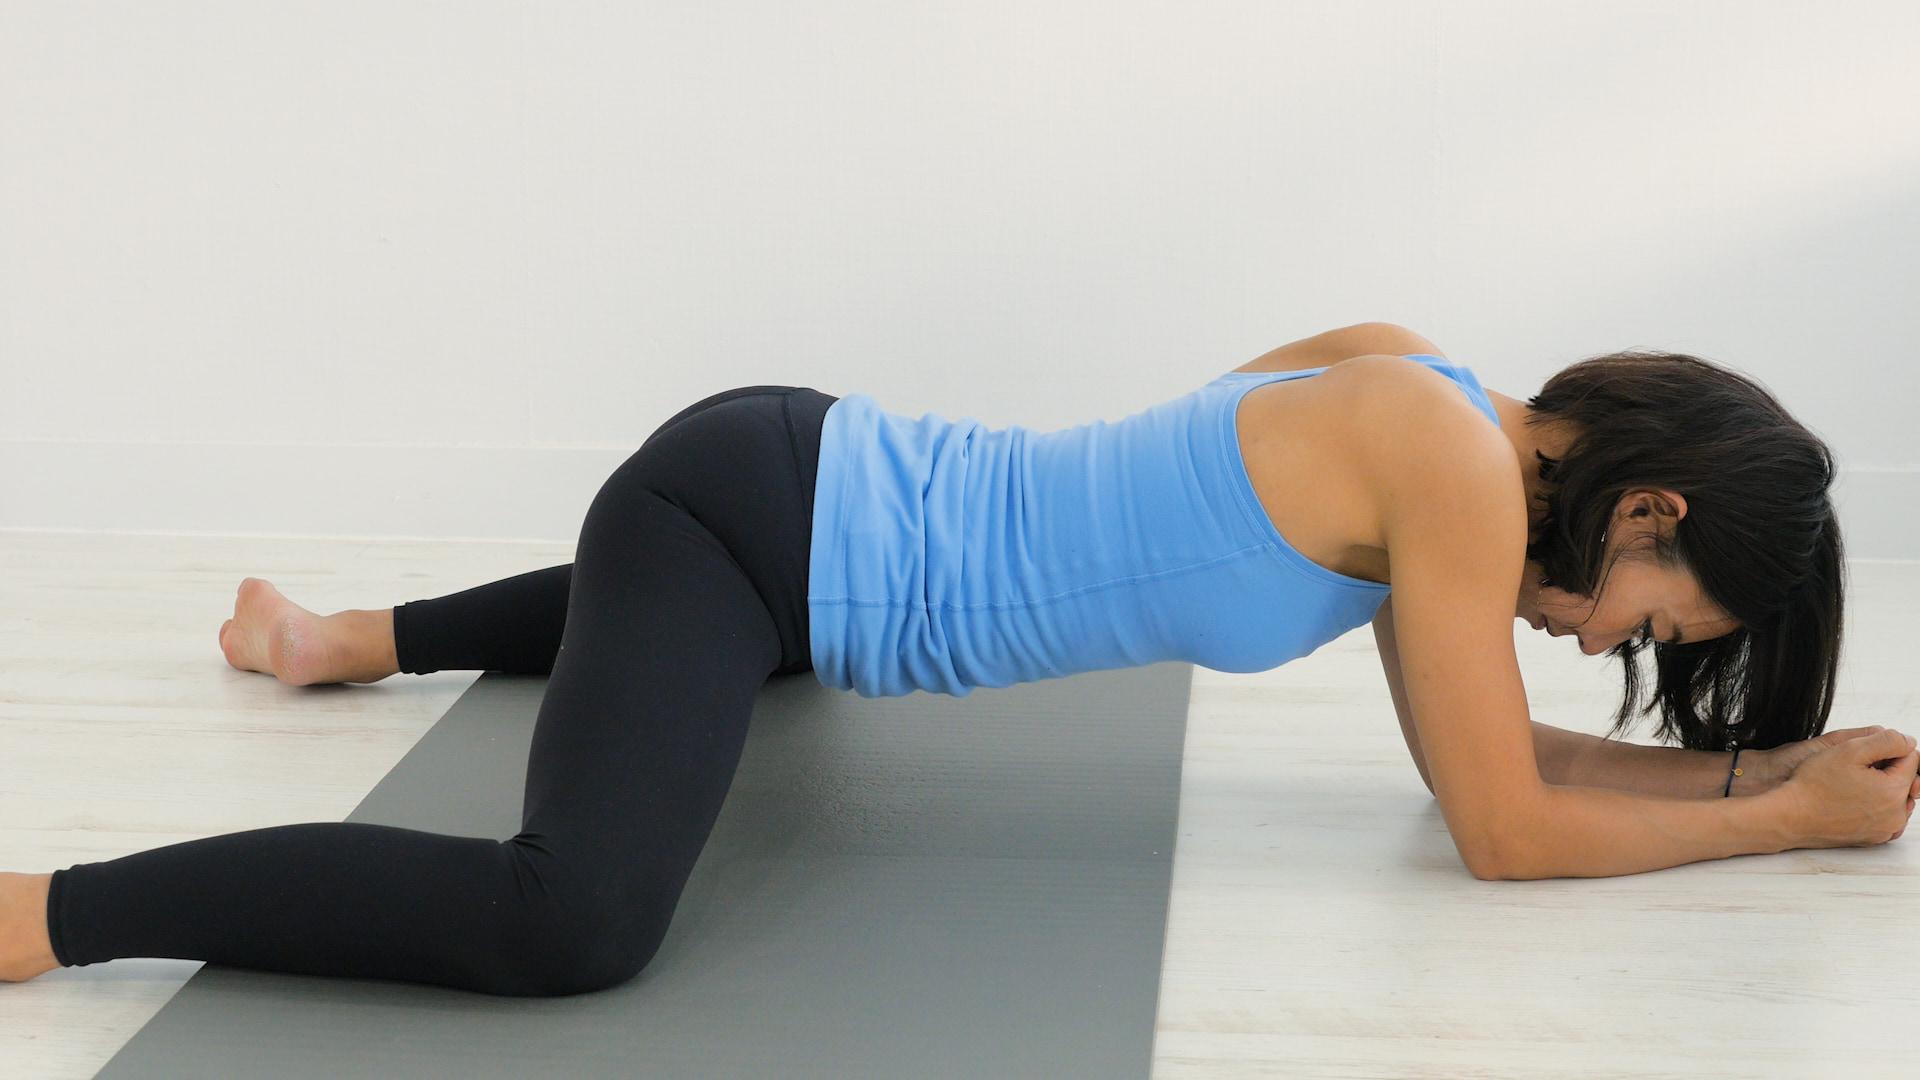 足をお尻の横に出し、体を股関節にのせて股関節を伸ばす(村田友美子さん)